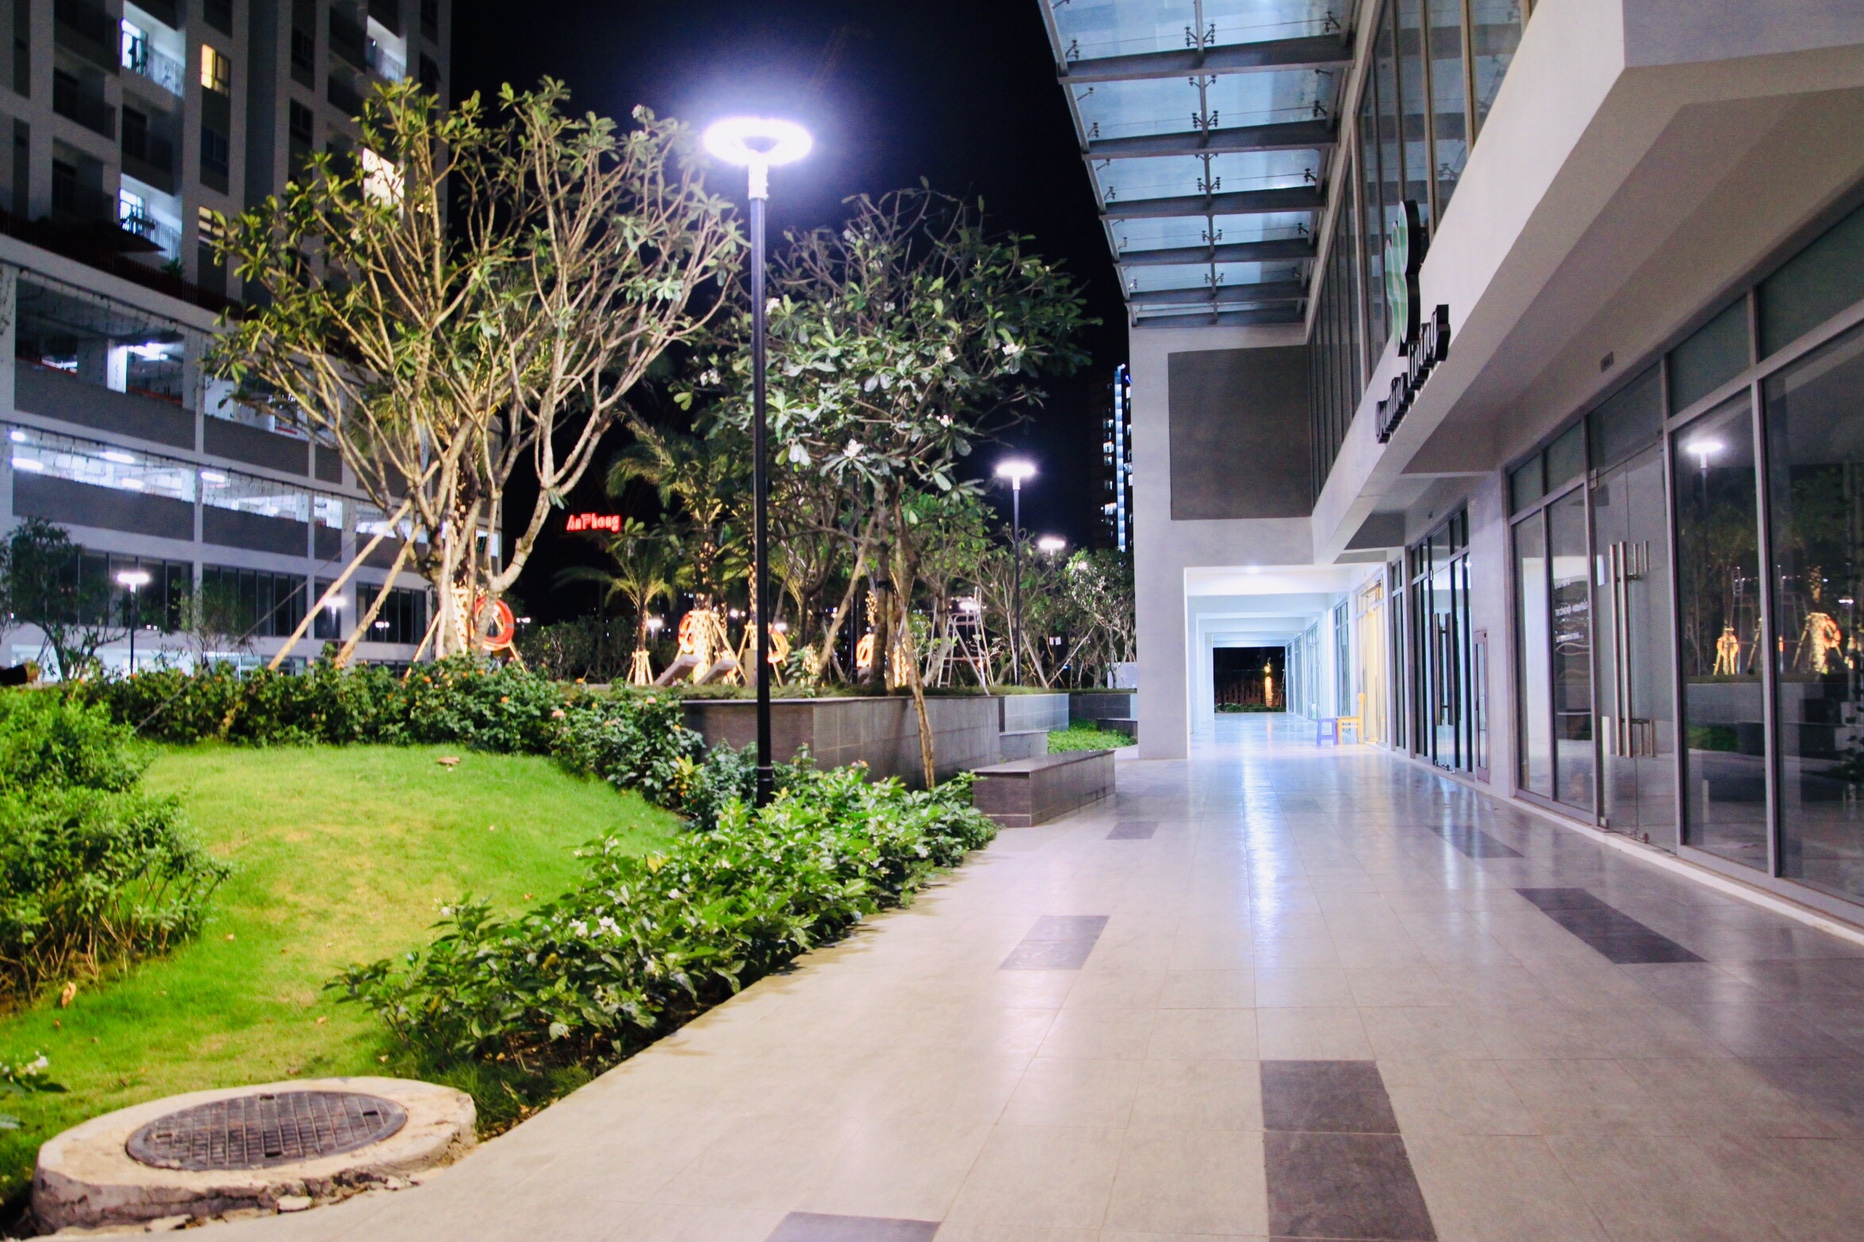 Hình ảnh khuôn viên căn hộ cho thuê Lux Garden